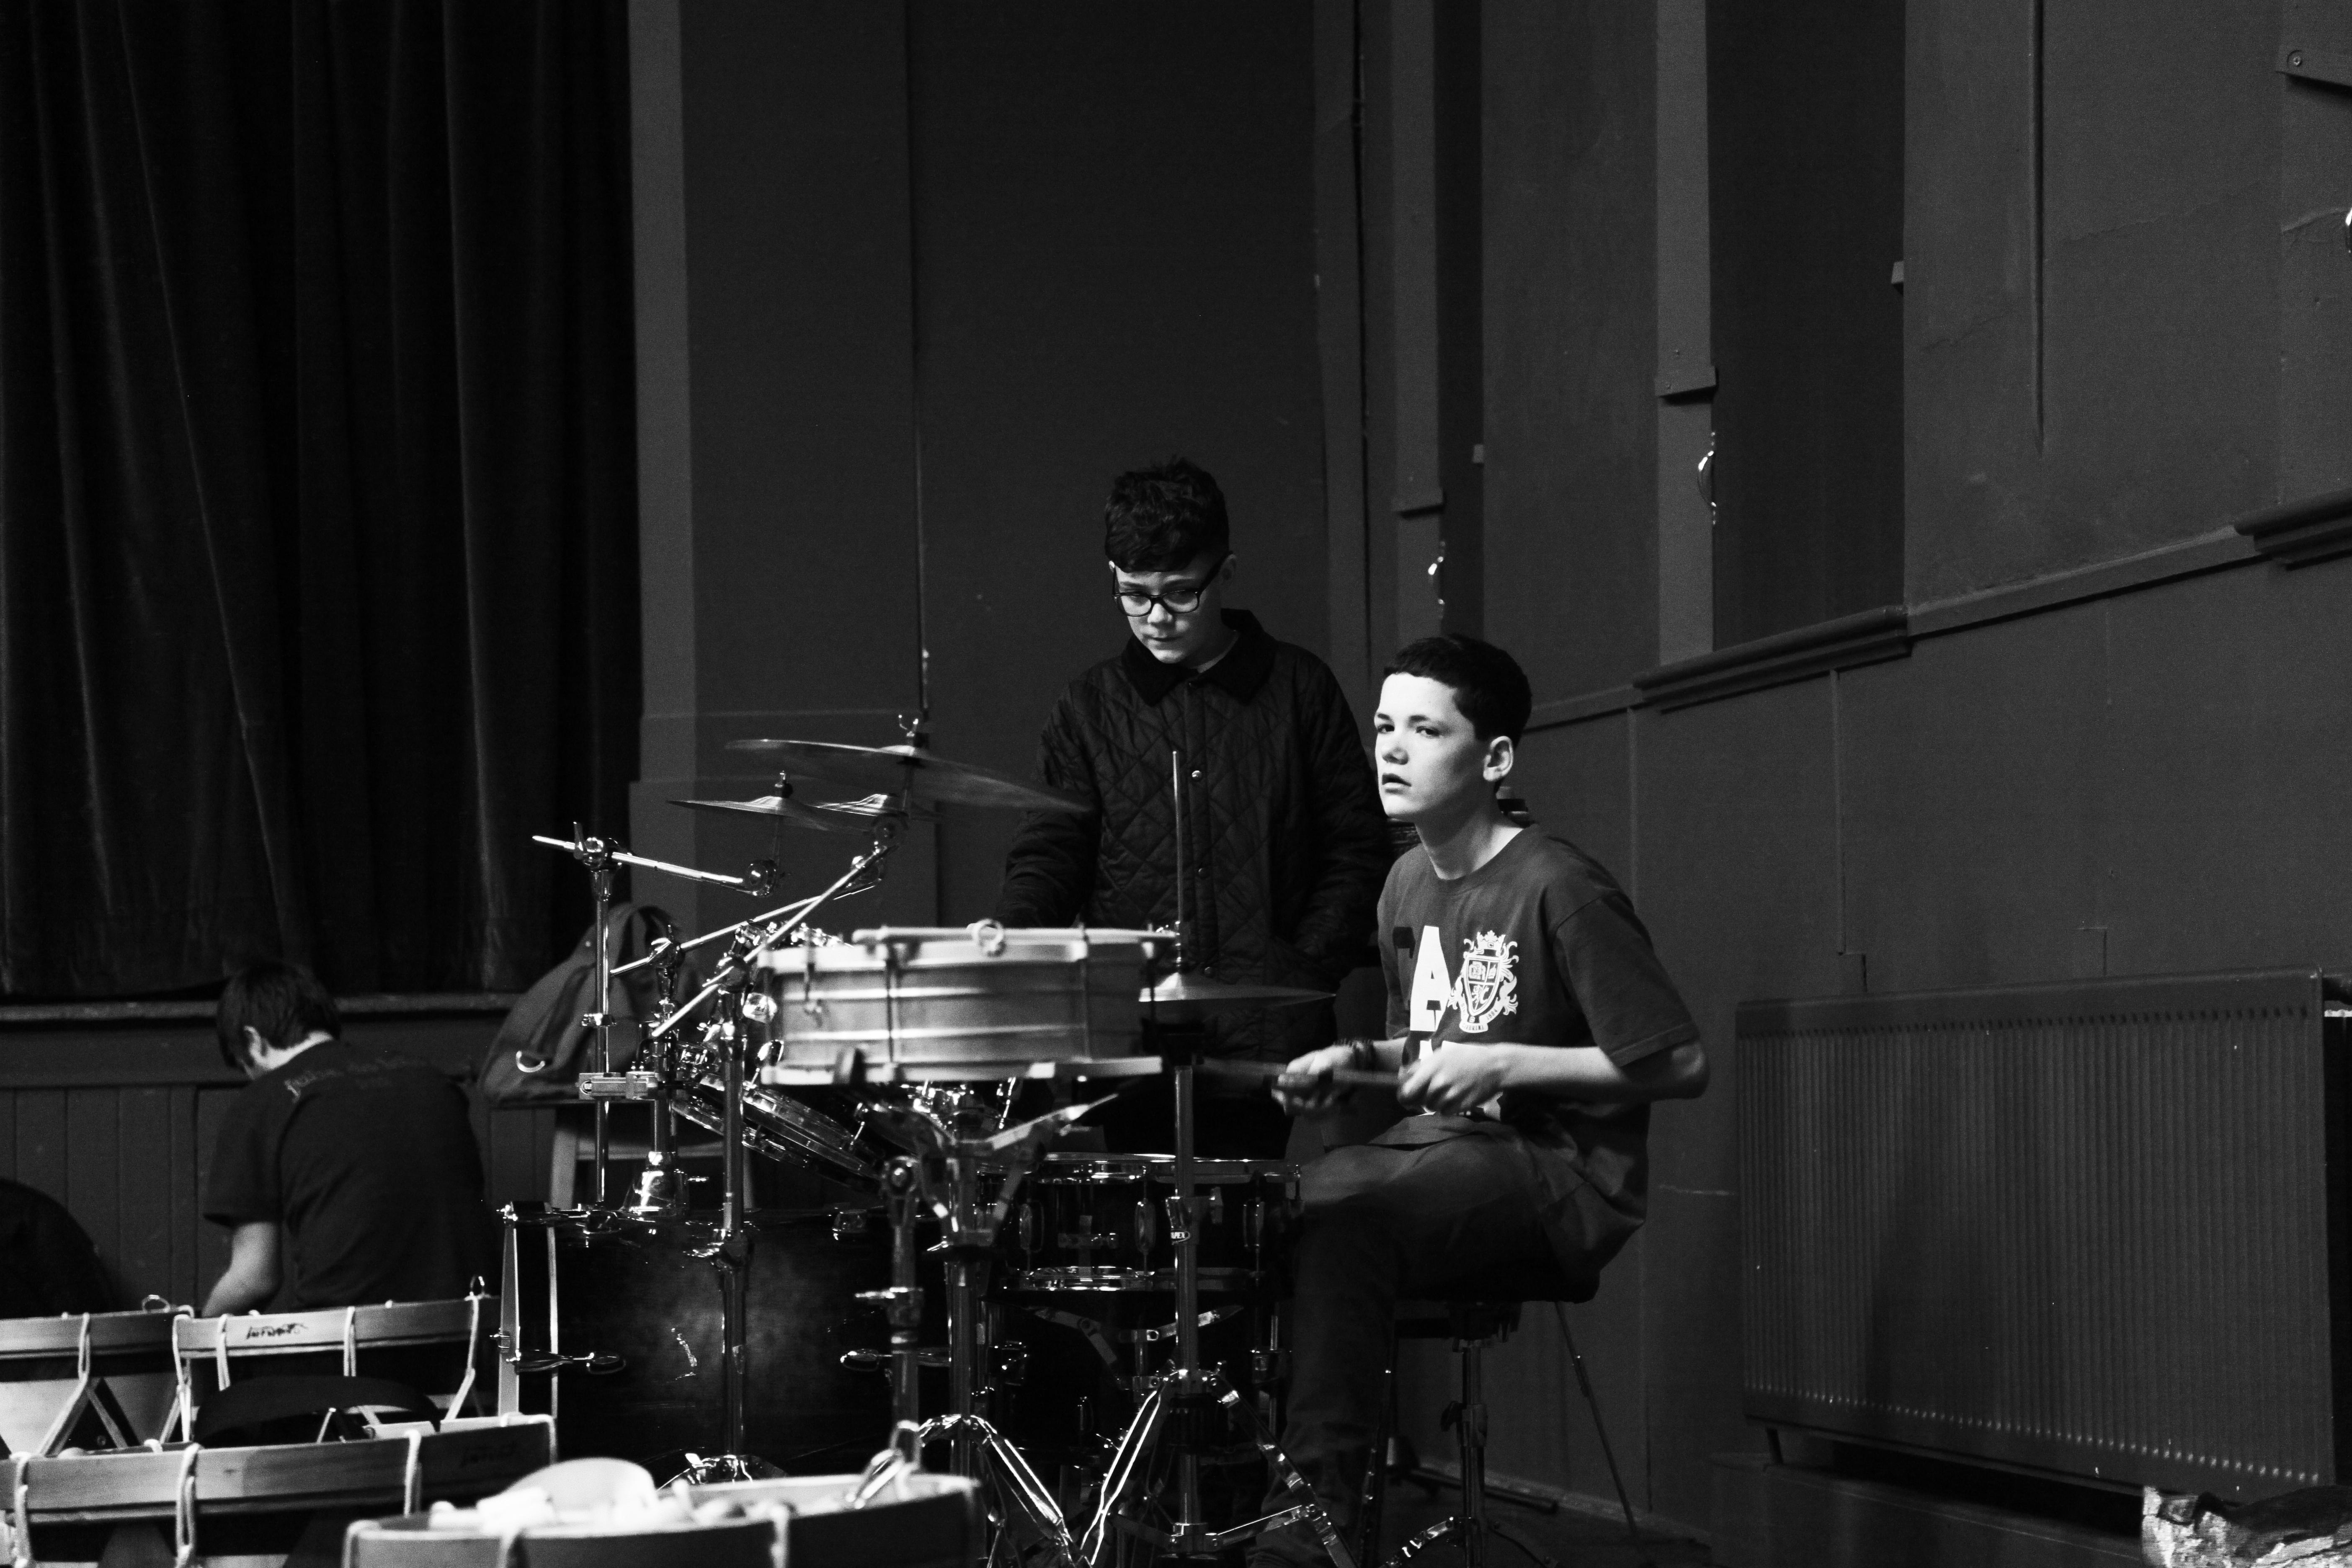 Sam & Connor